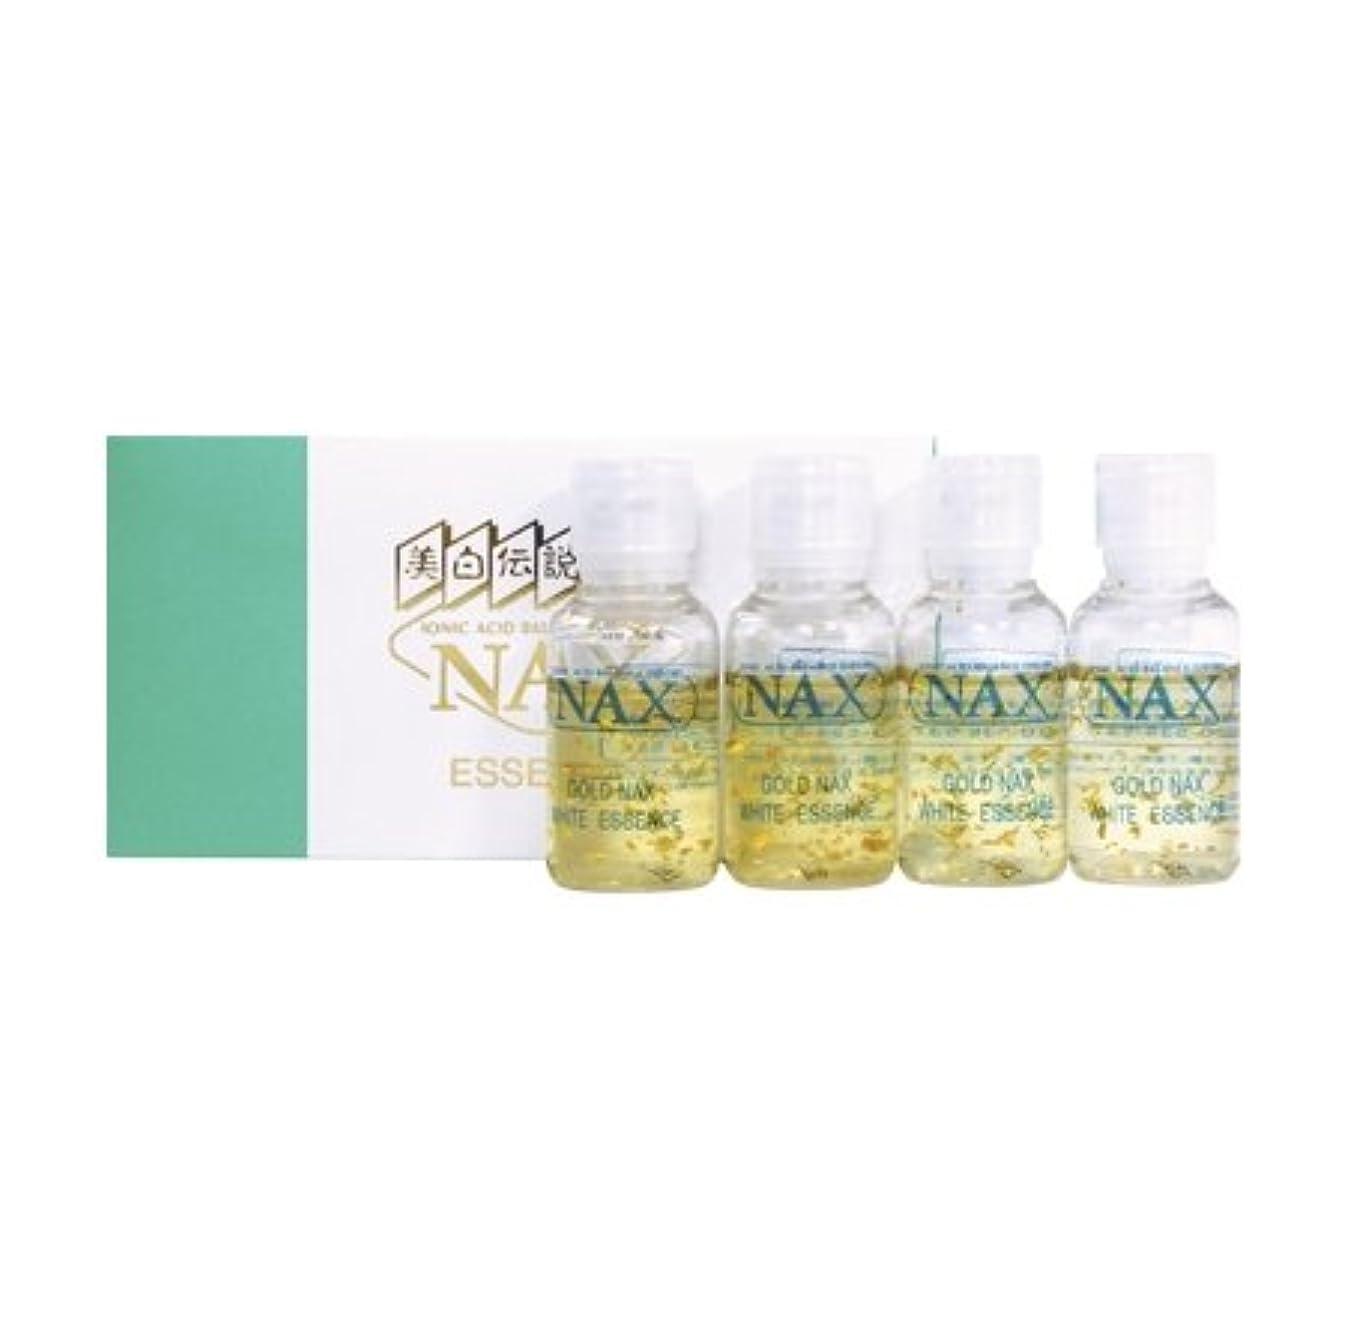 有名煙突曲げるゴールドコスメ NAX ホワイトエッセンス 美容液 超敏感肌用 12.5ml×4本